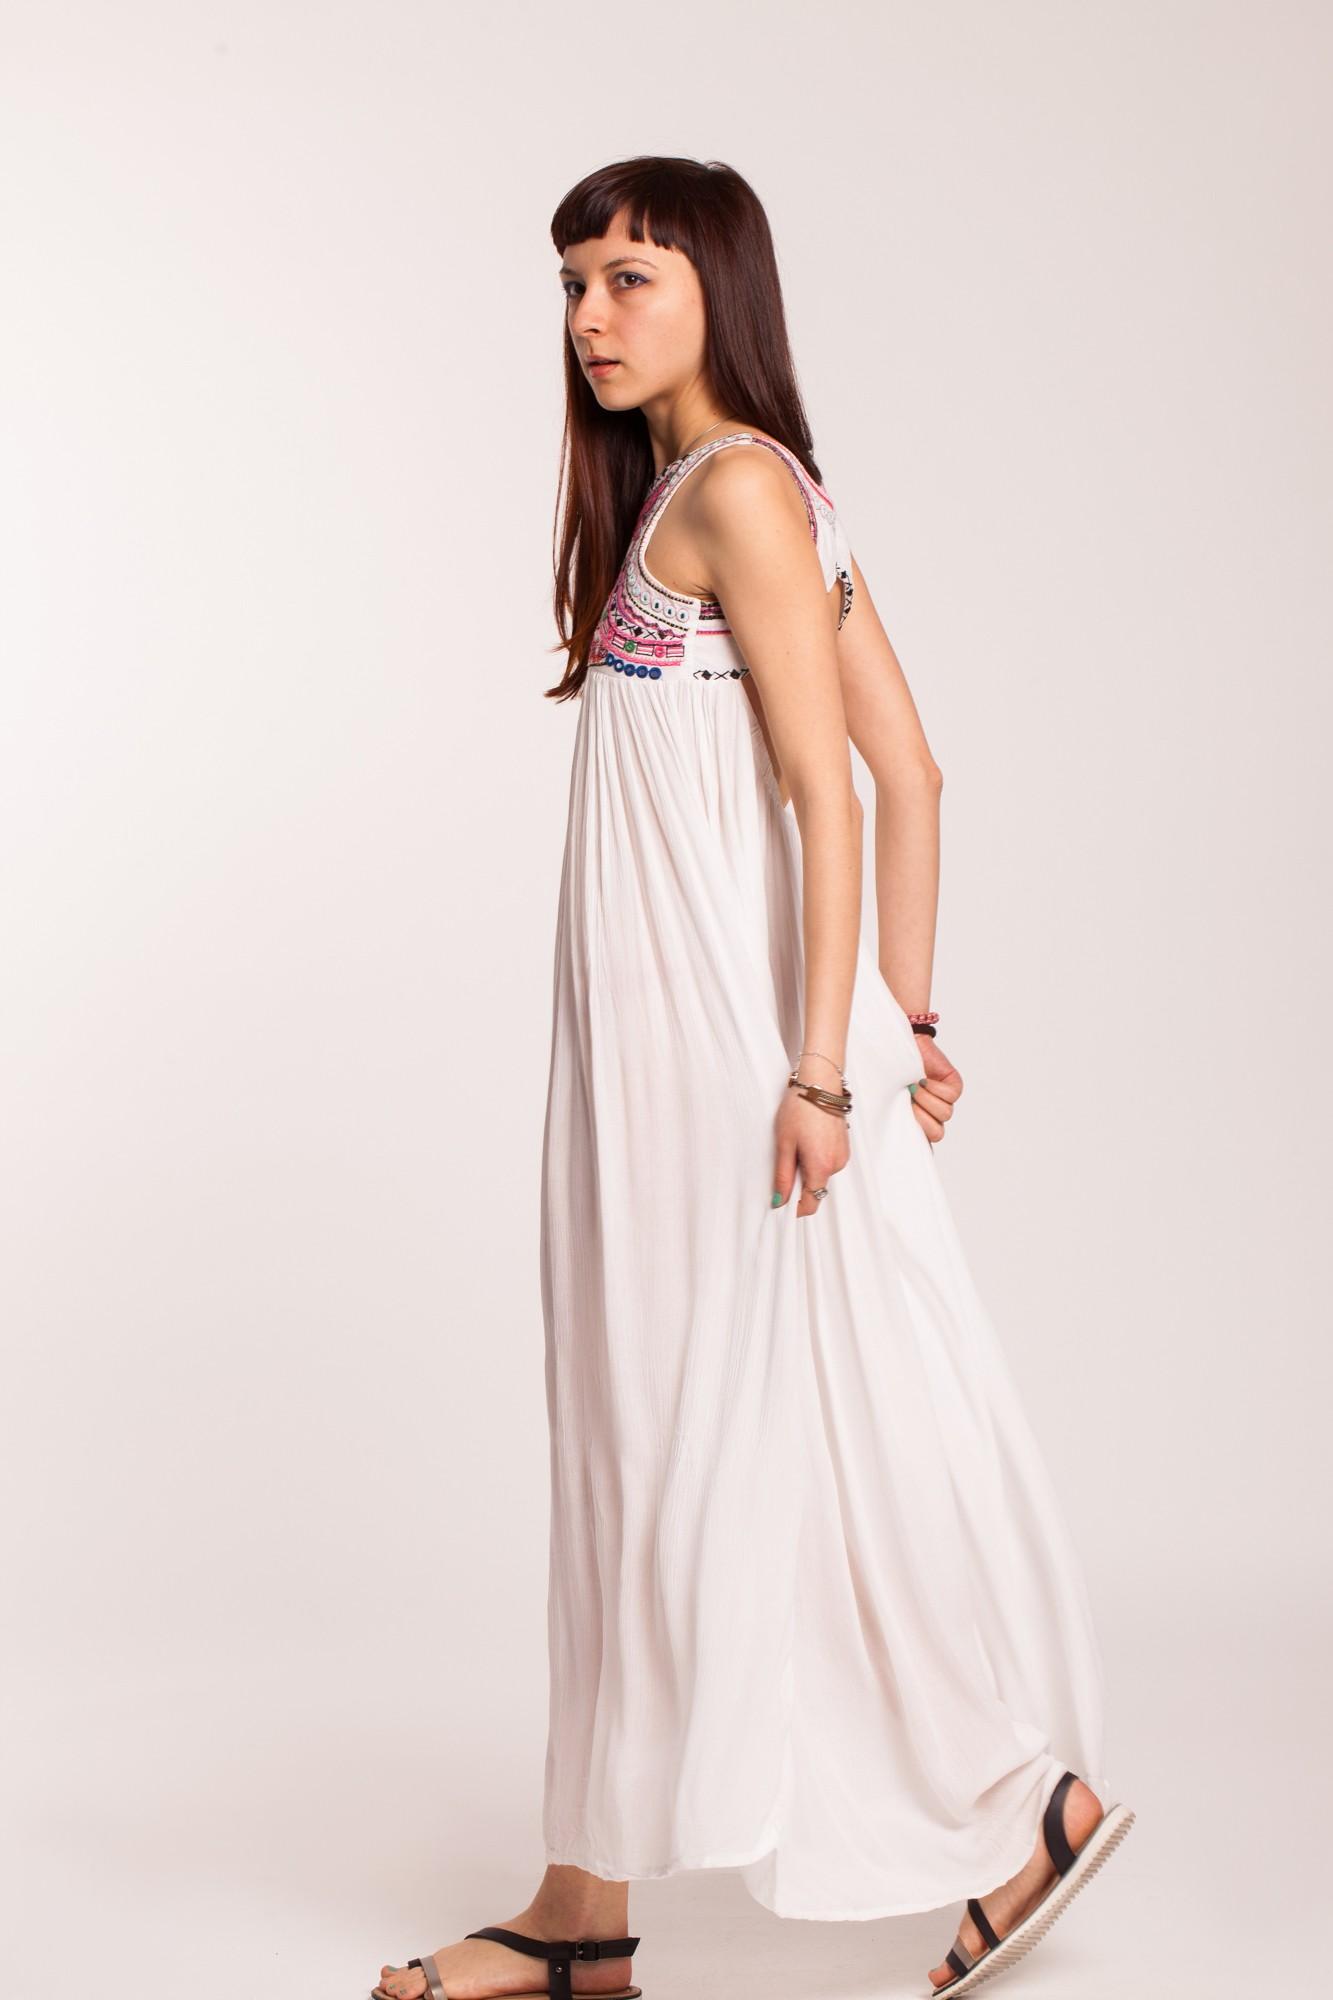 Rochie alba cu platca brodata si decupaj pe spate